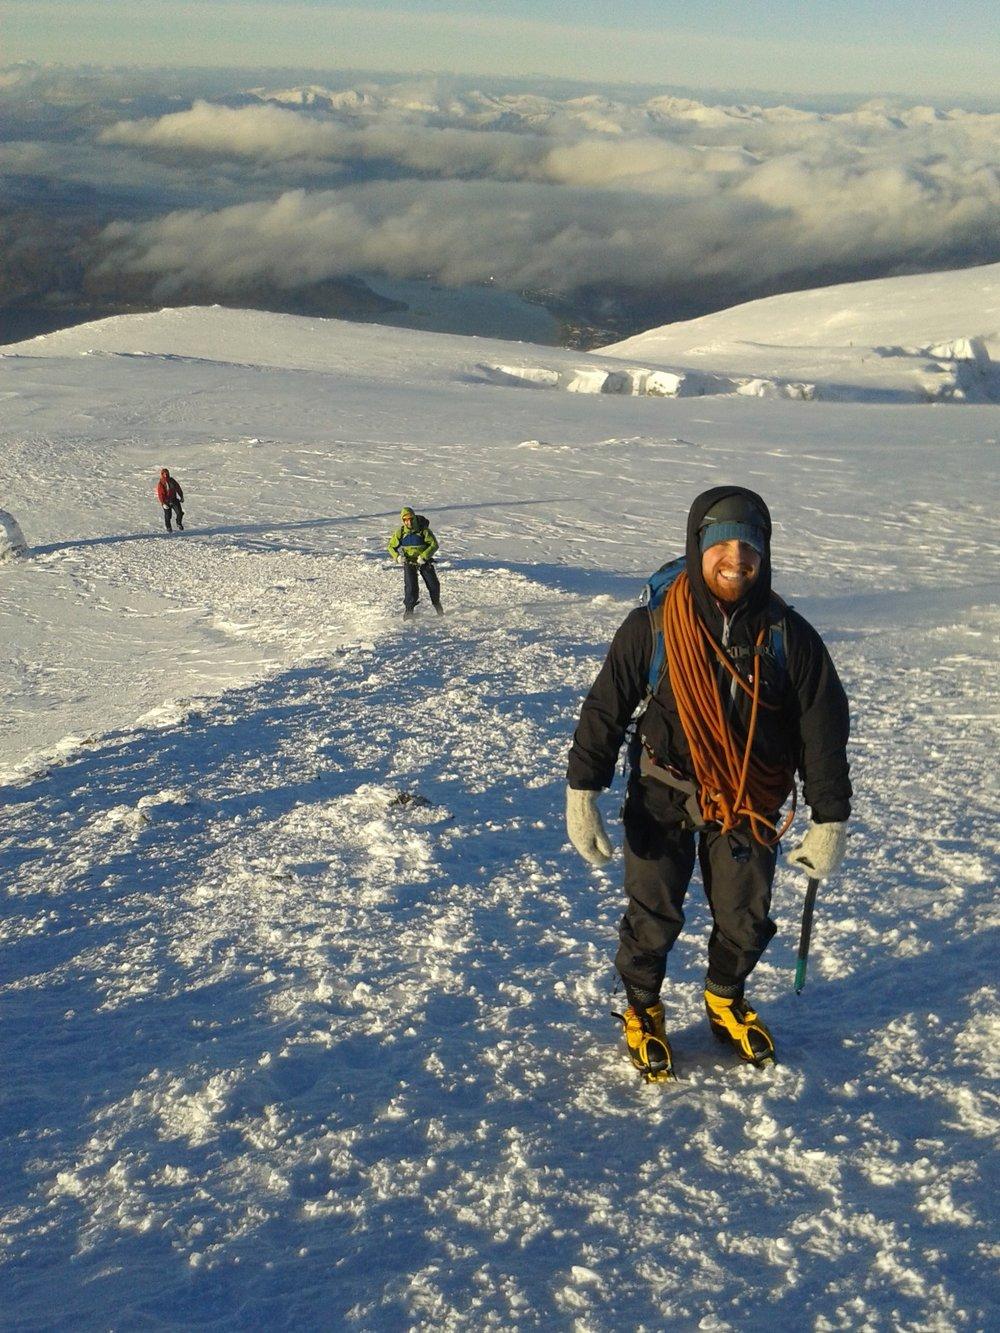 Dachstein mitts in action in Scotland